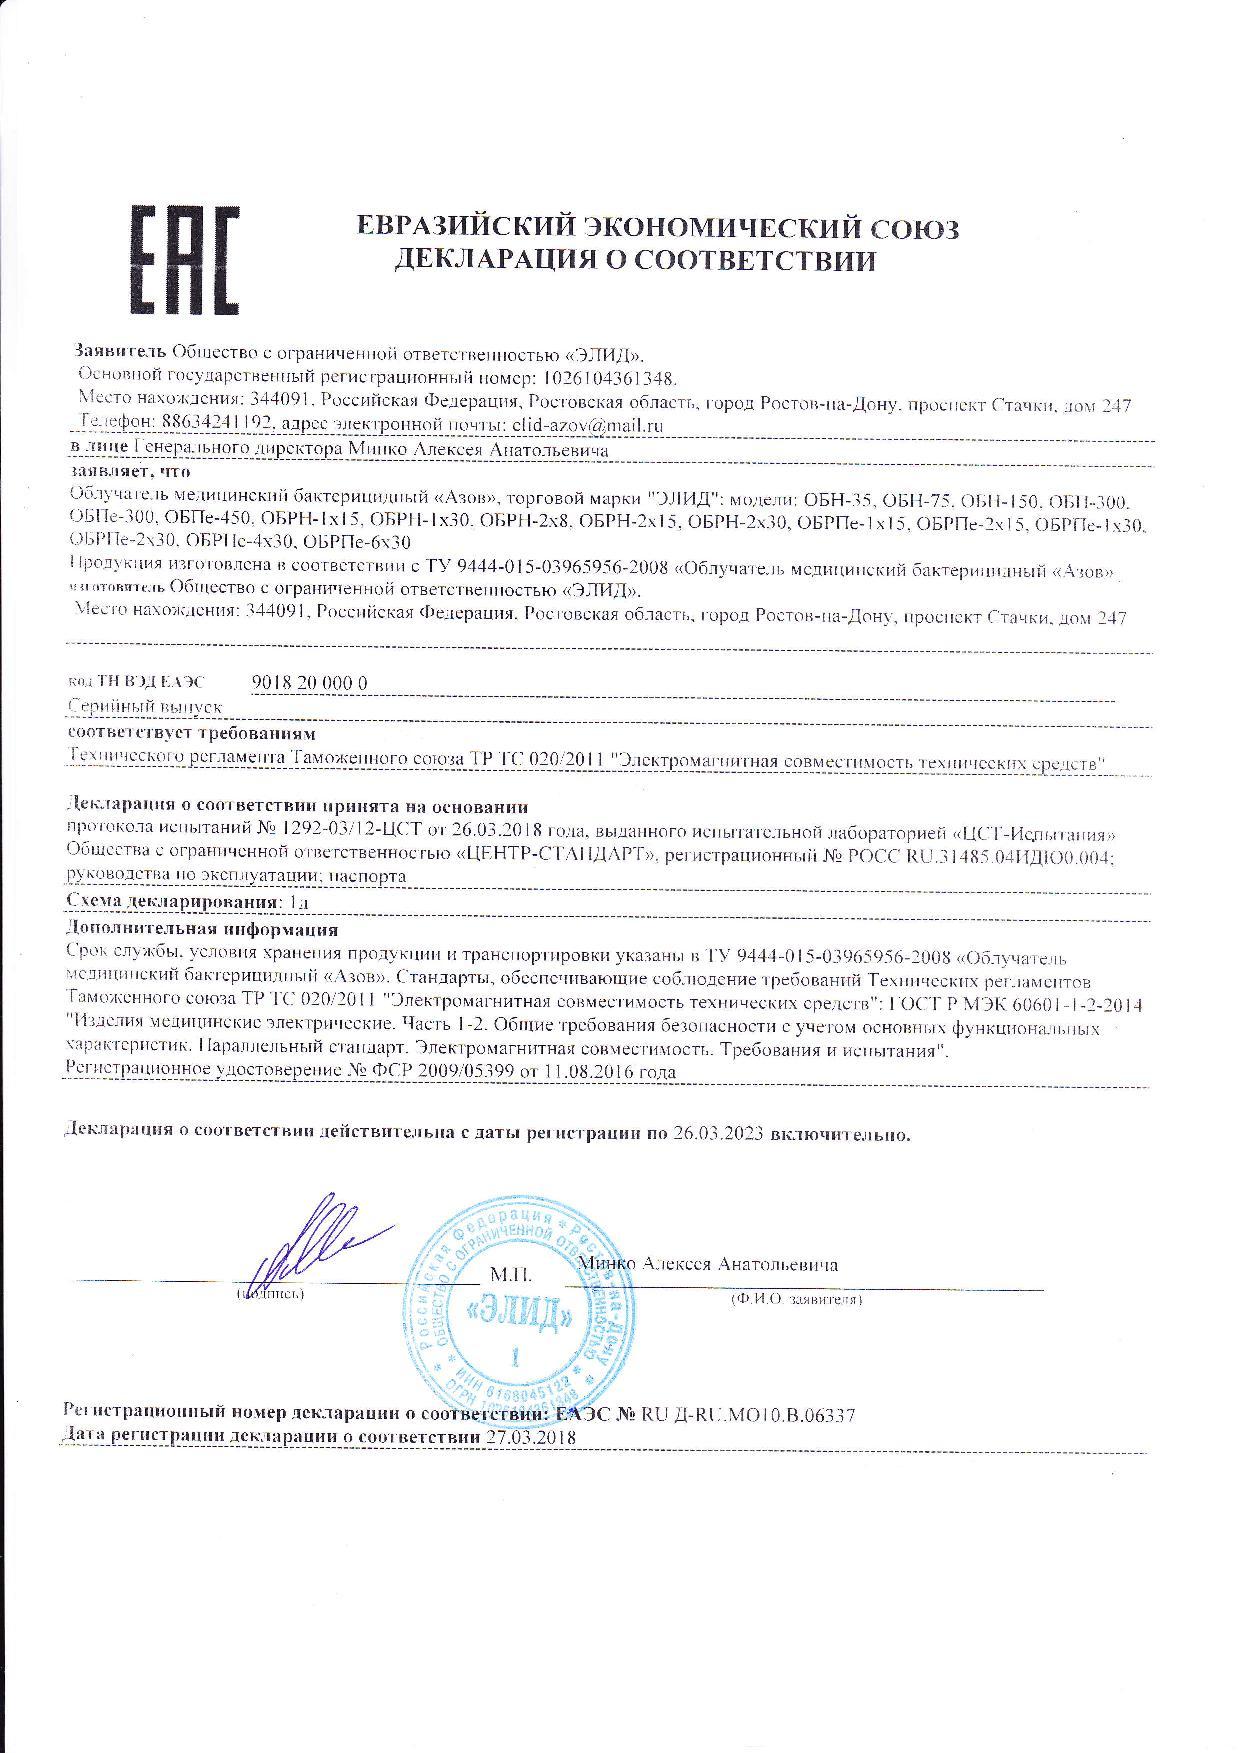 Deklaraciya-OBN-2018-g